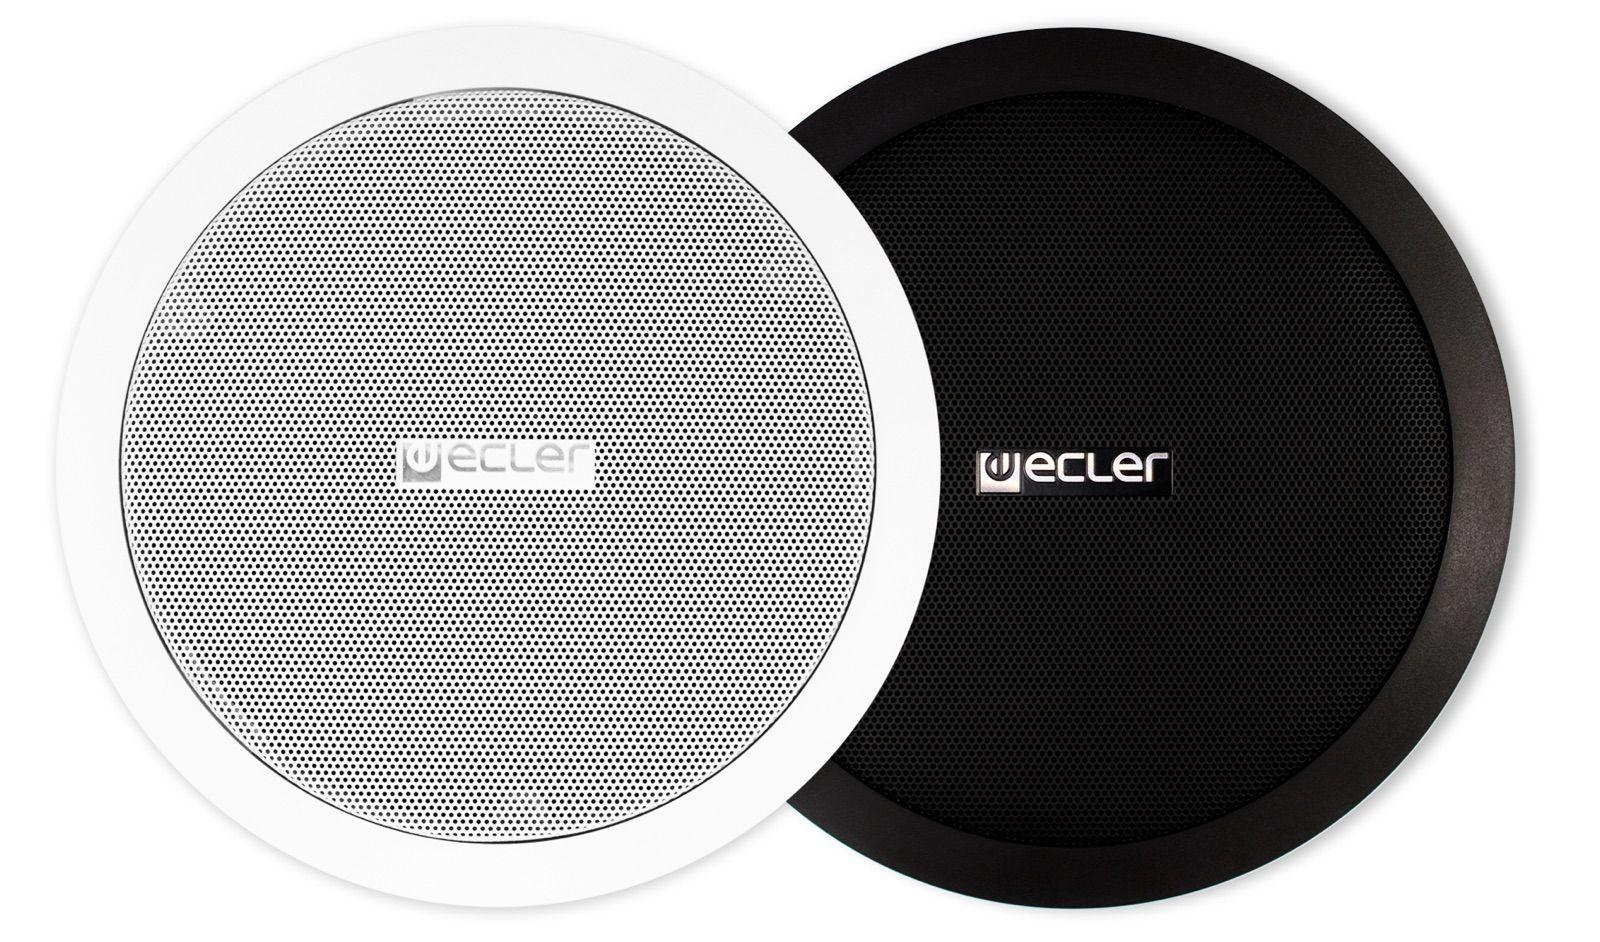 El Ecler IC6 está disponible en blanco y en negro